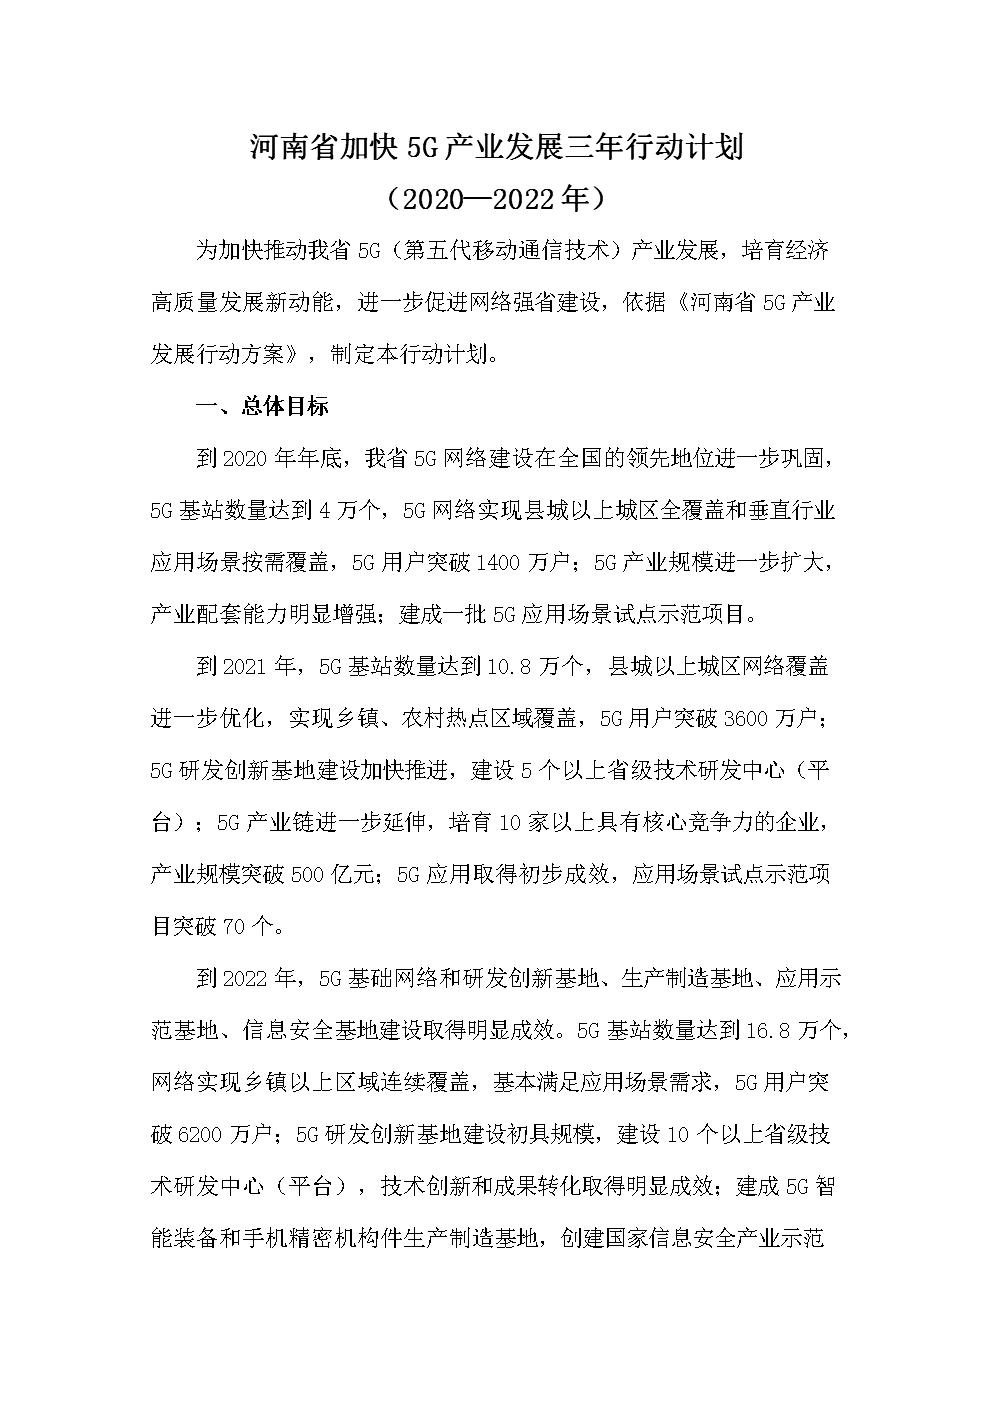 河南省加快5G产业发展三年行动计划(2020-2022).docx